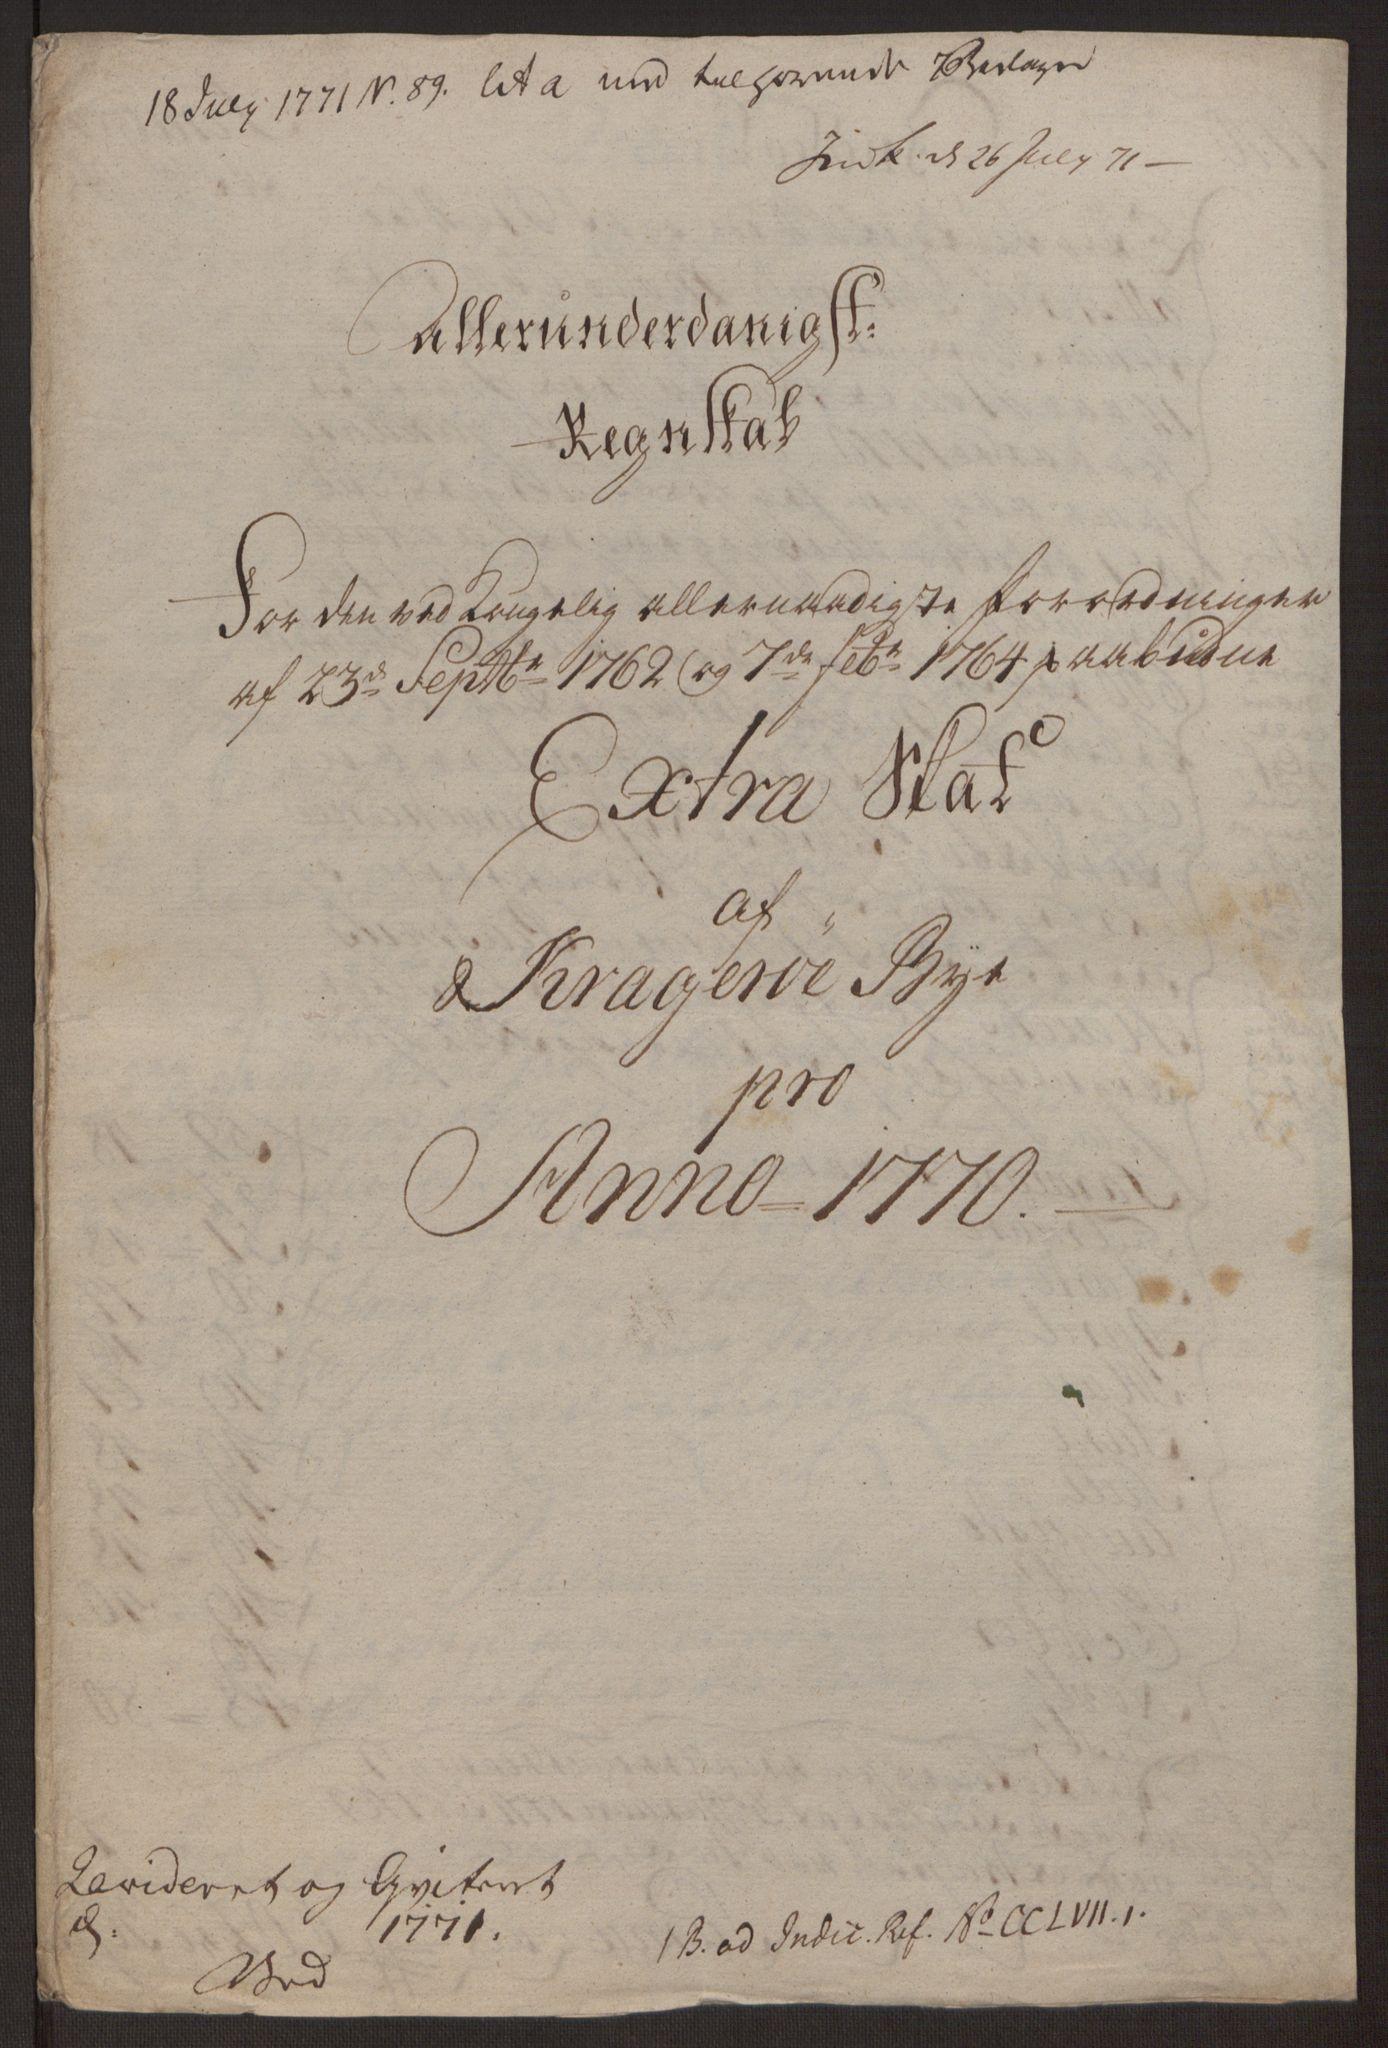 RA, Rentekammeret inntil 1814, Reviderte regnskaper, Byregnskaper, R/Rk/L0218: [K2] Kontribusjonsregnskap, 1768-1772, s. 41